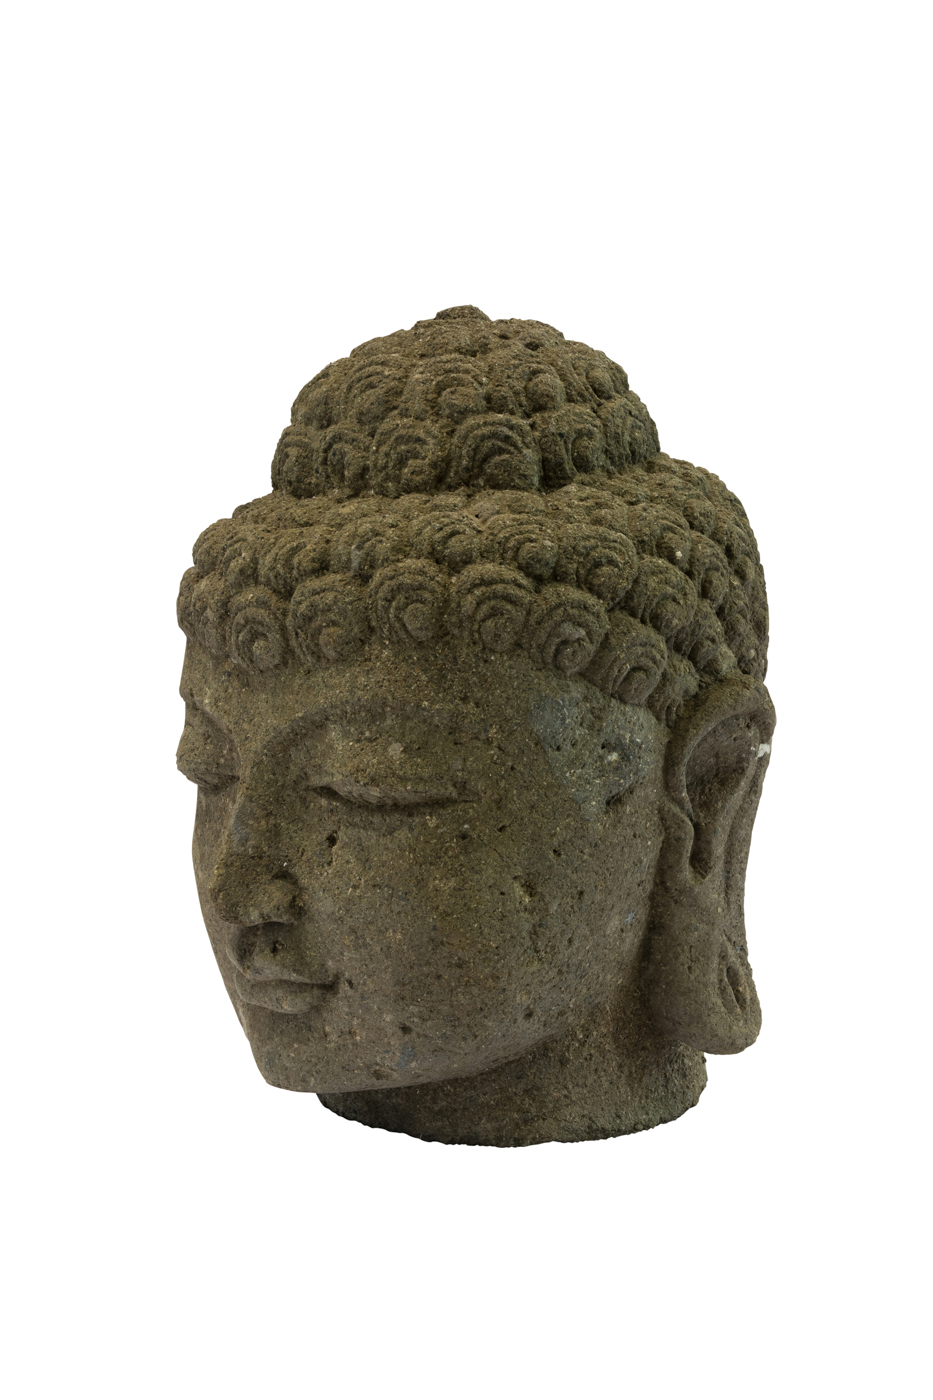 Escultura en piedra Cabeza de Buda